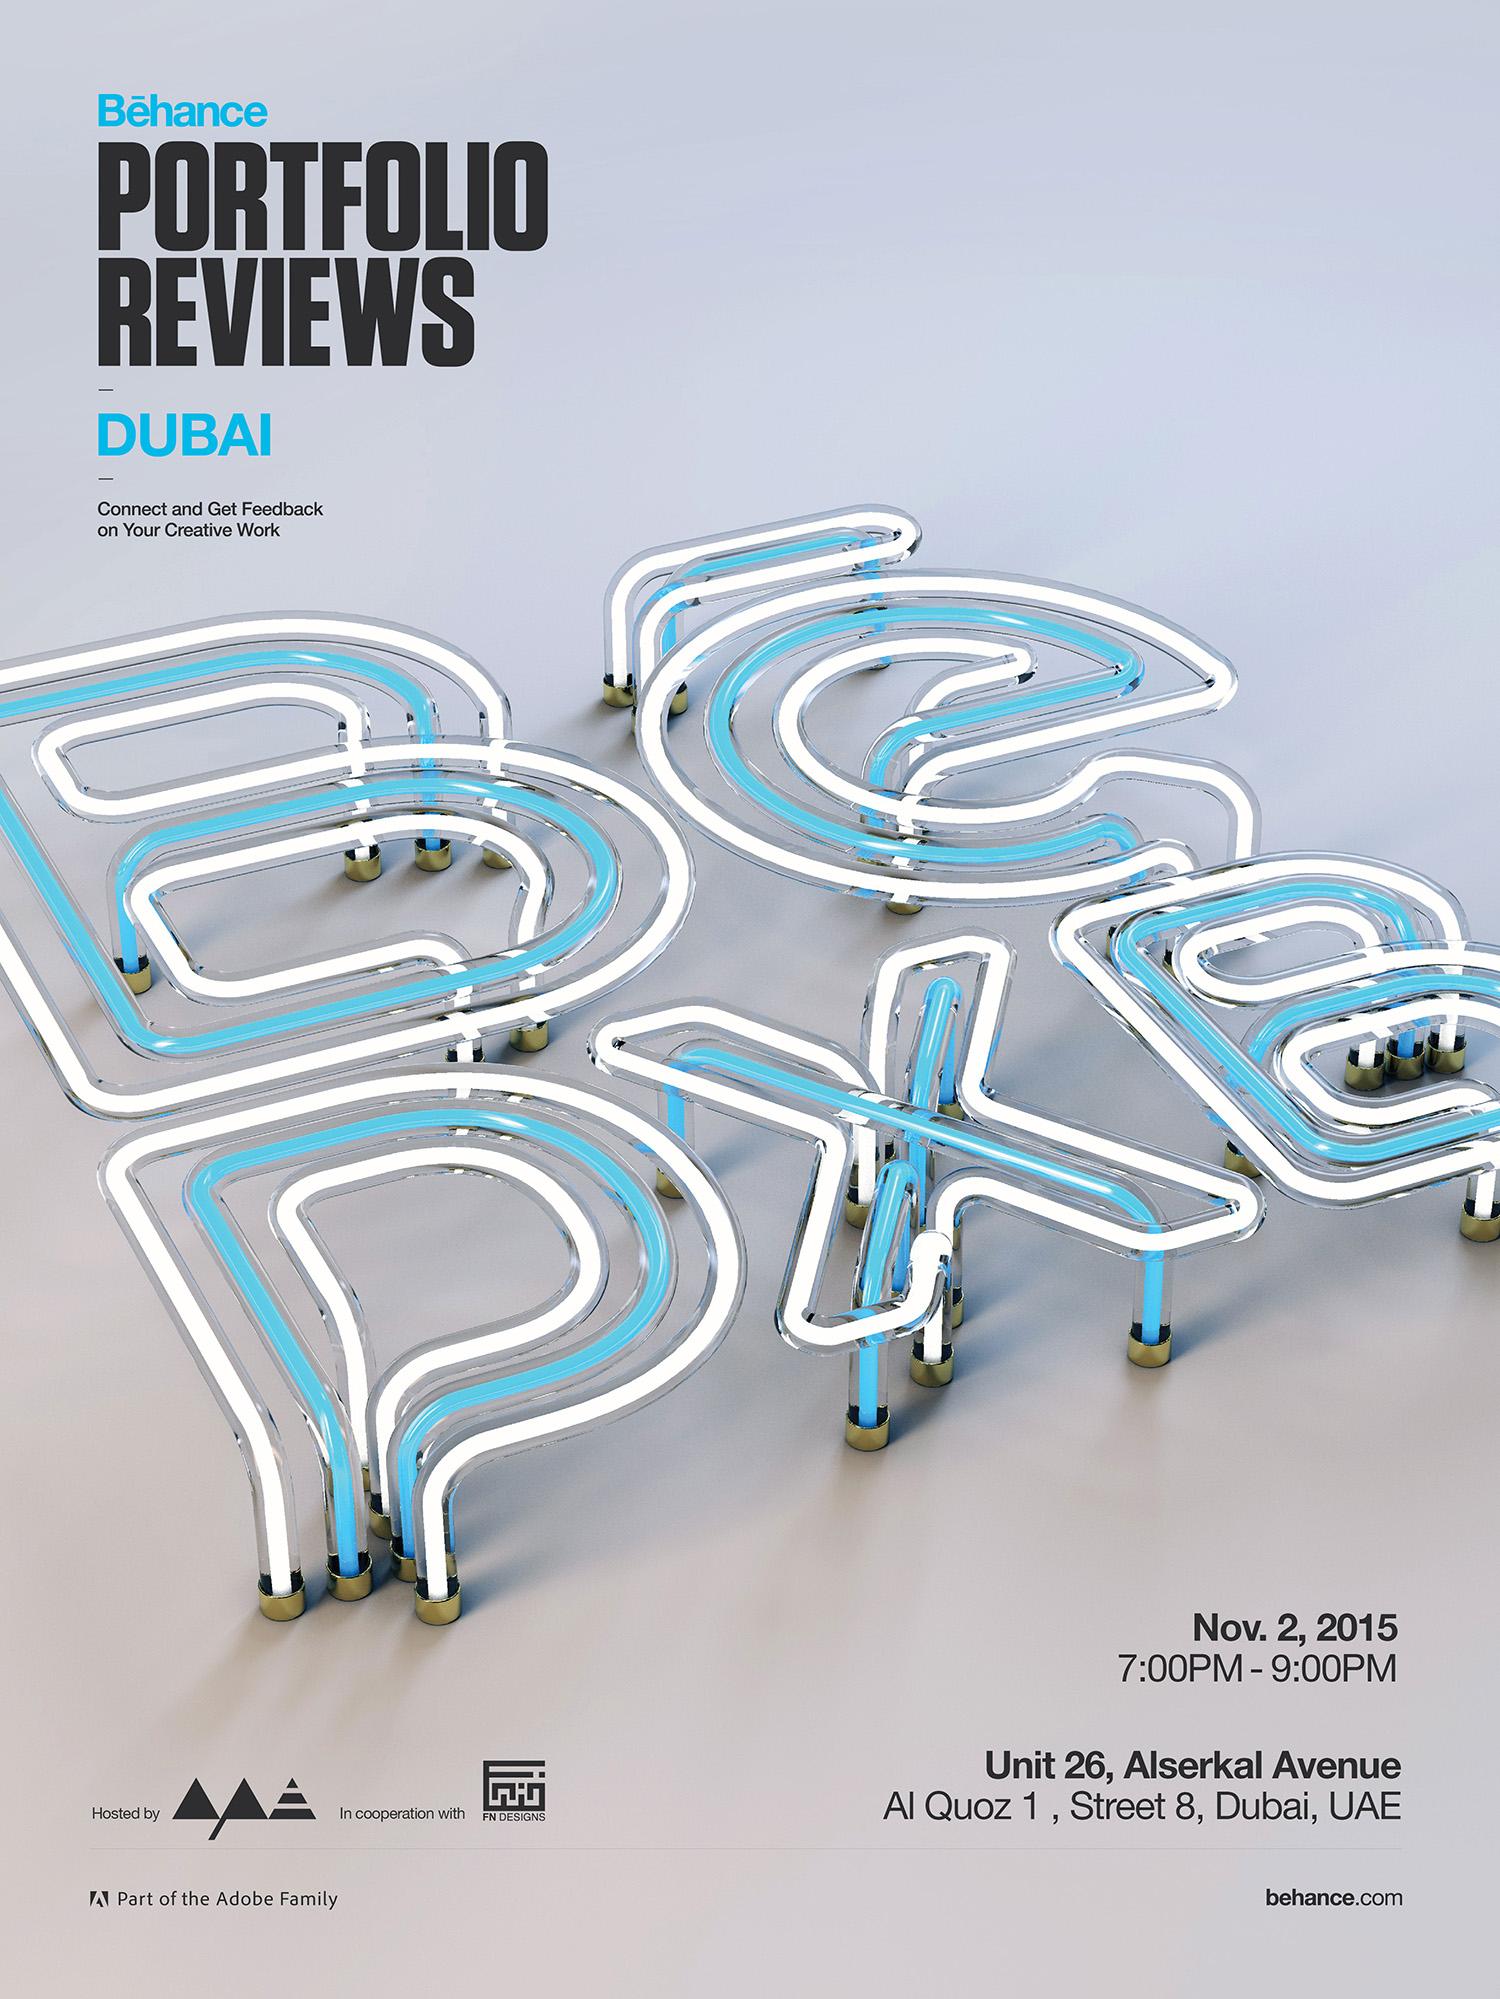 Poster design collaboration: Jude Valderrama x Miguel Mojica   behance.net/whodoes  /  behance.net/miguelmojica